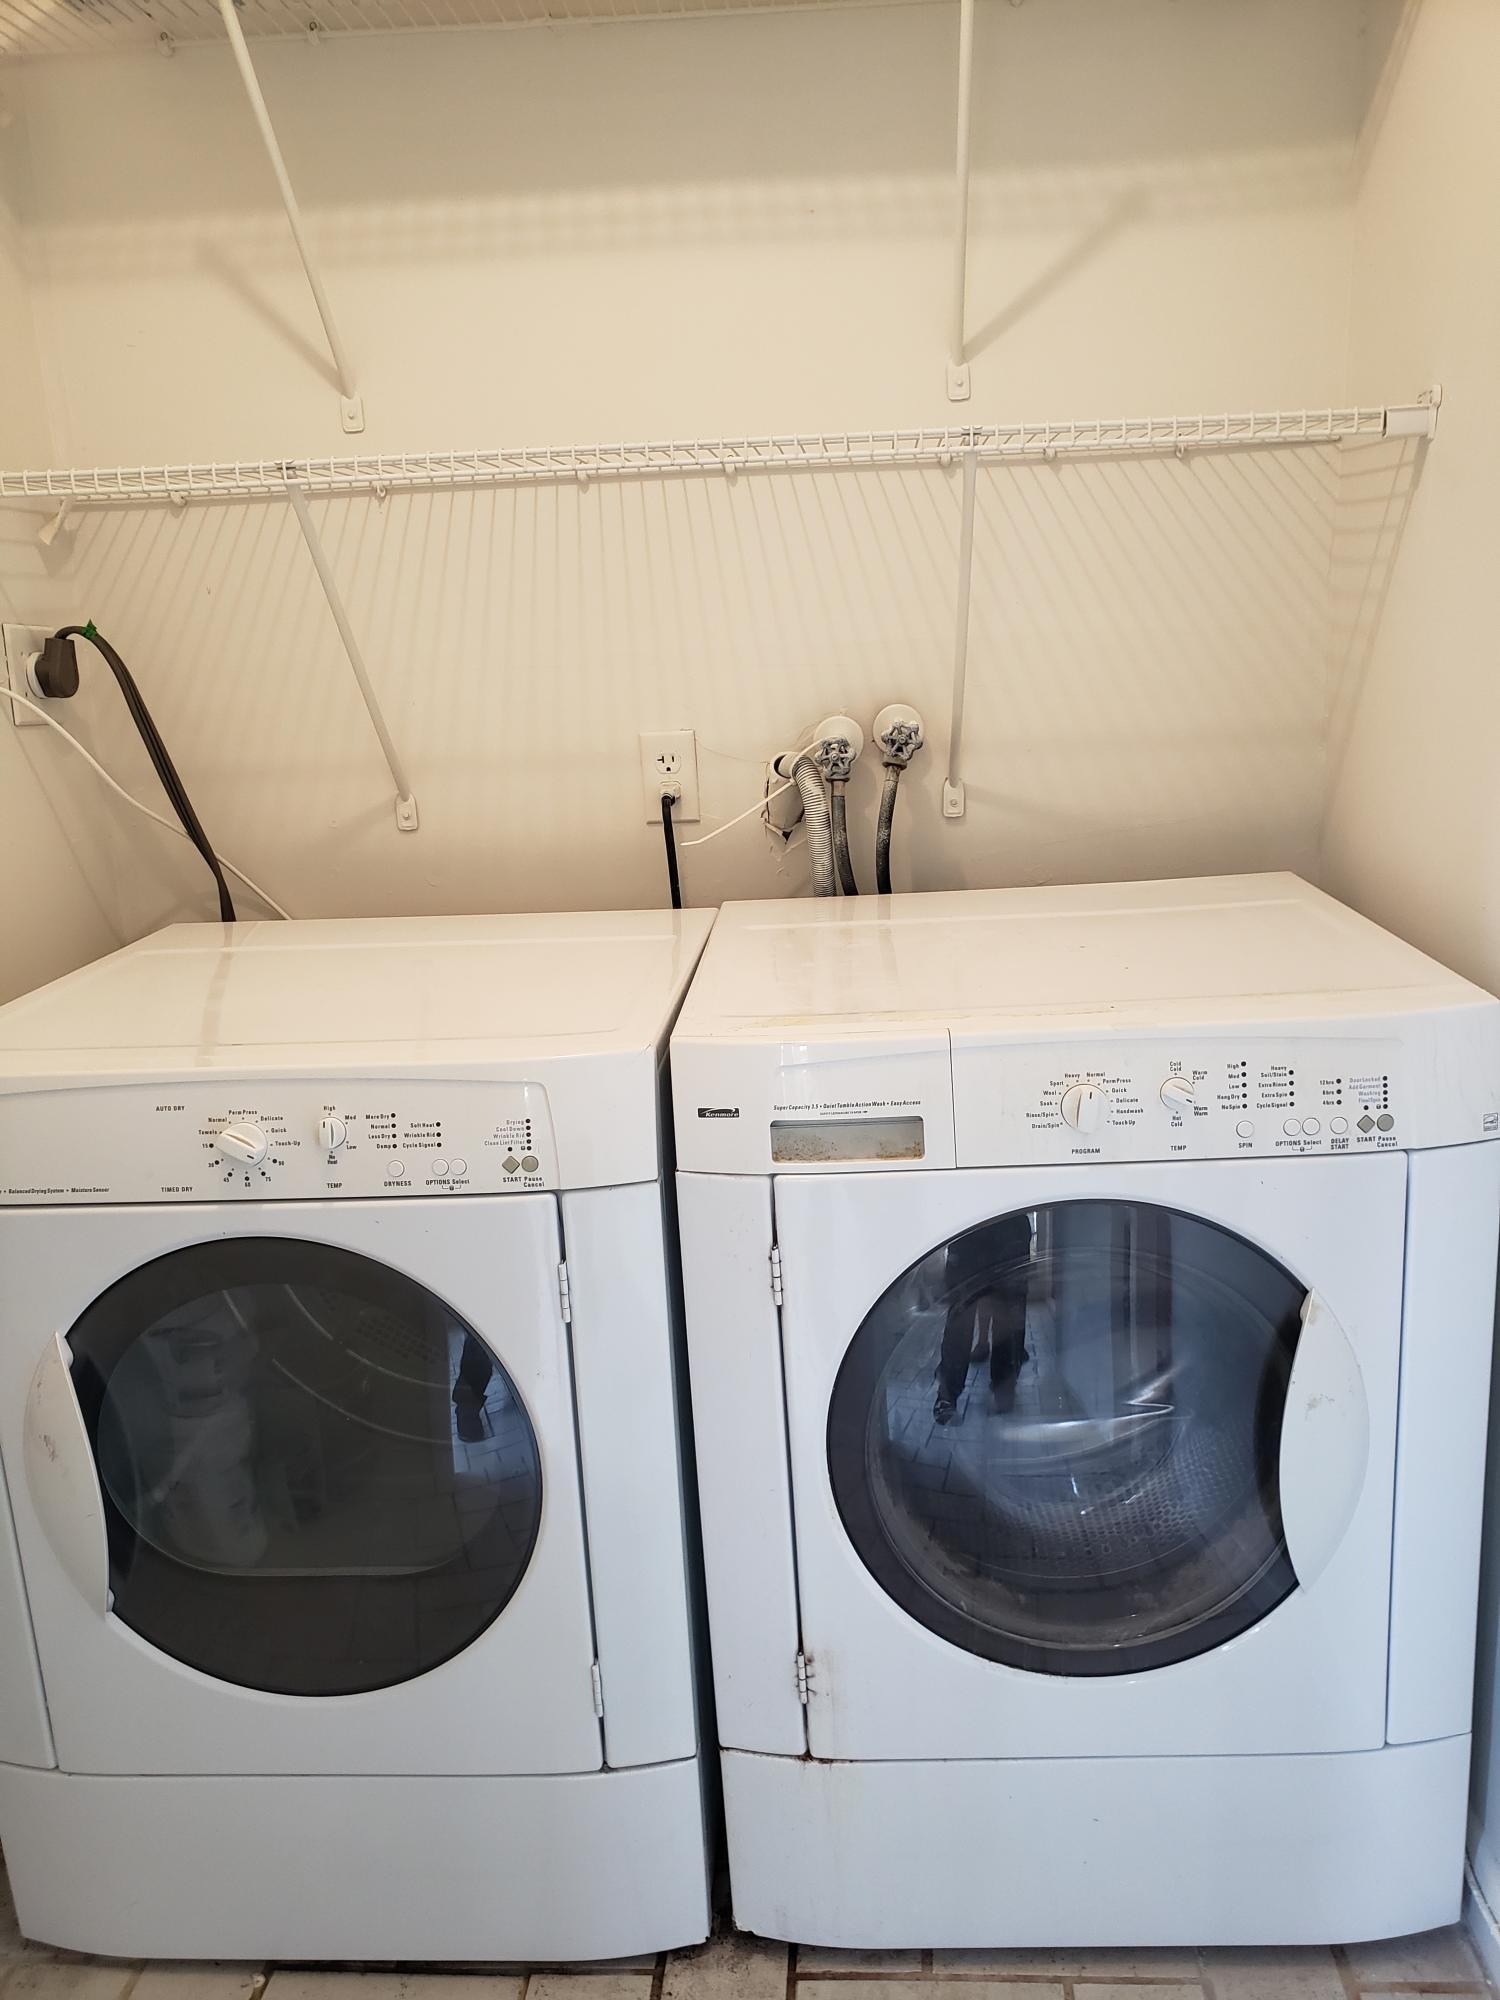 Newer Washer & Dryer